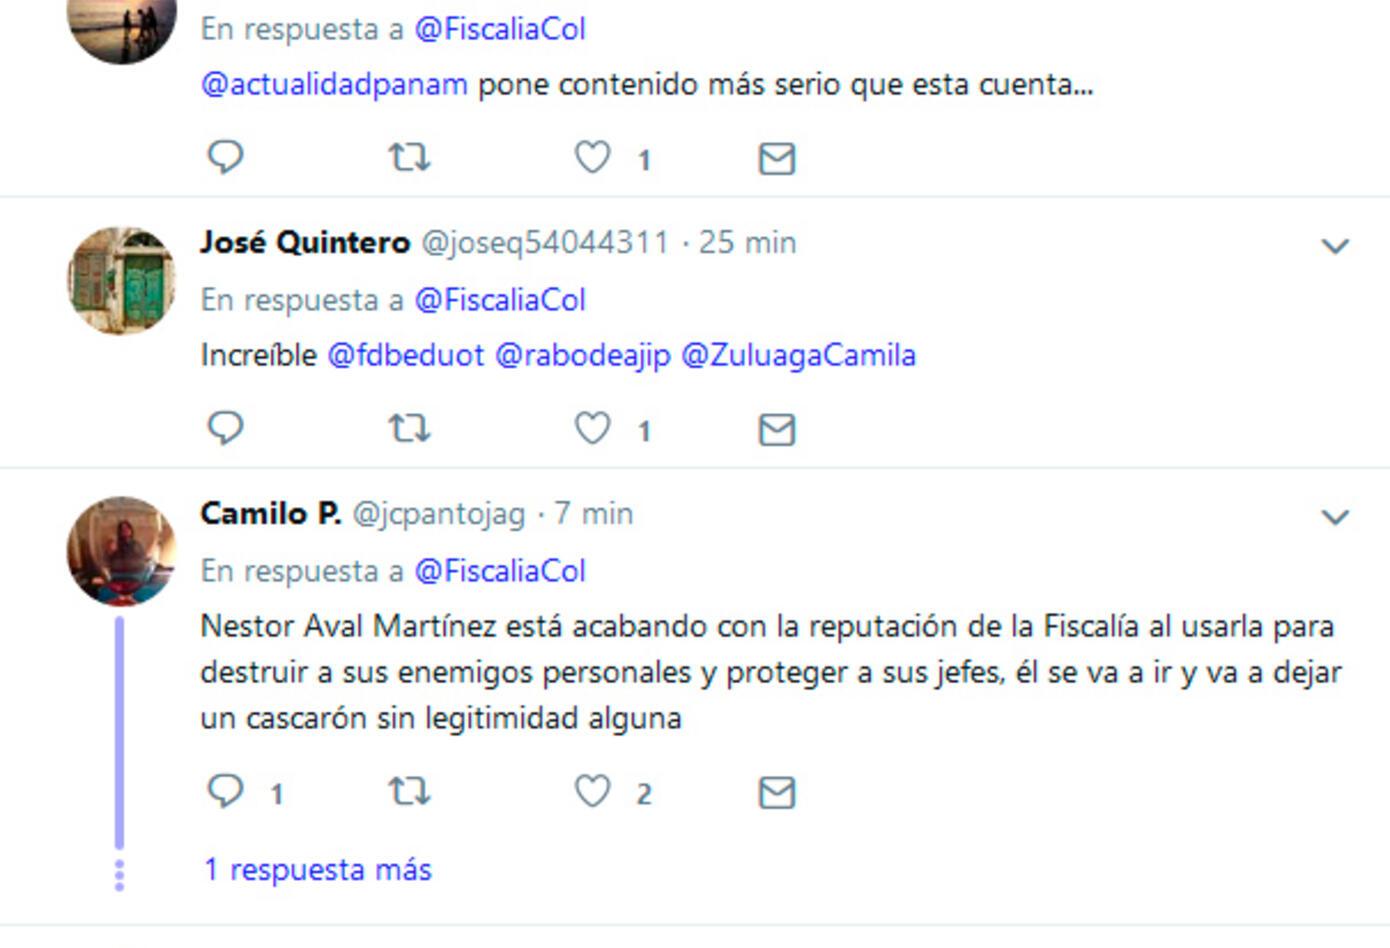 Las reacciones en Twitter al trino de la Fiscalía